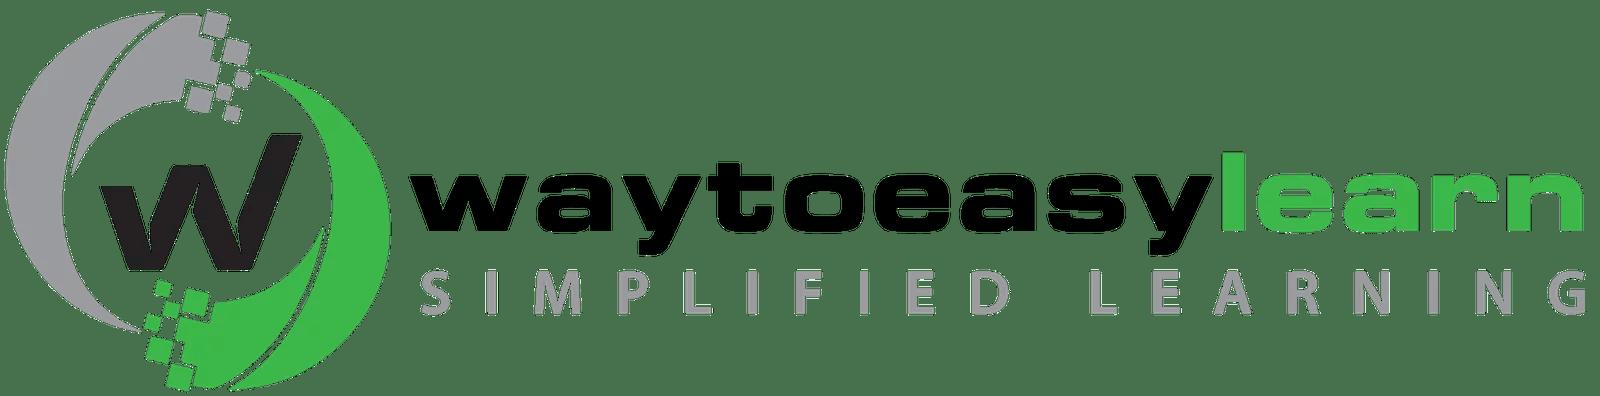 Waytoeasylearn